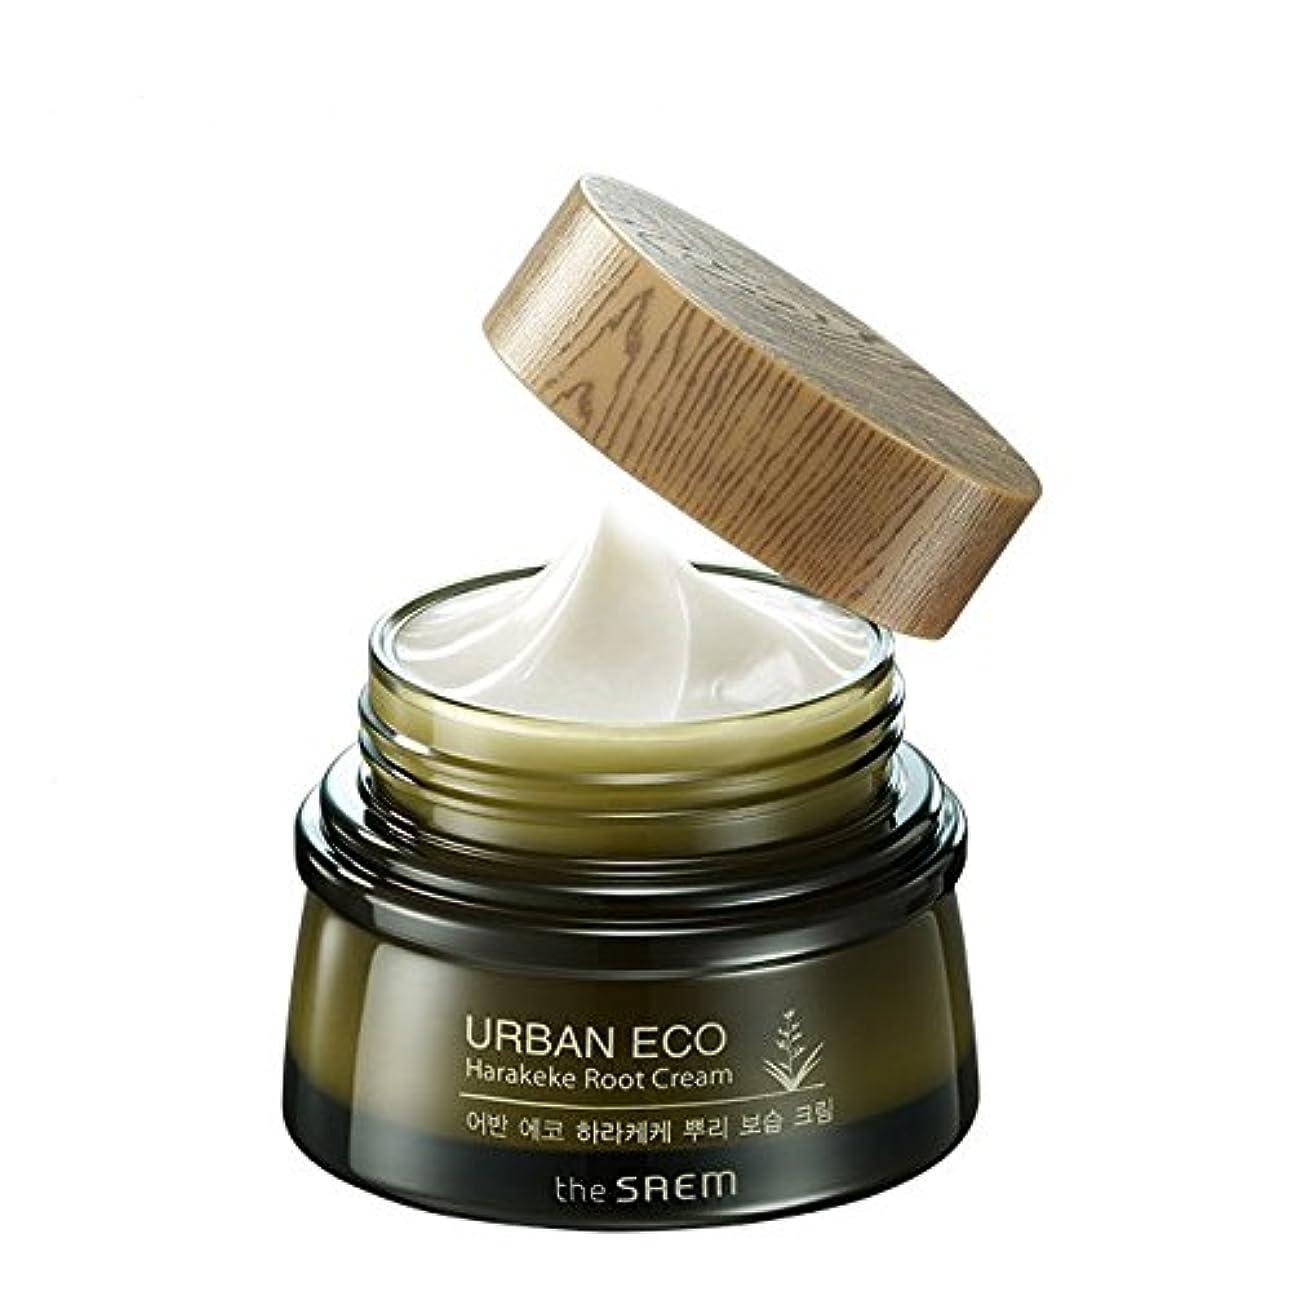 呼吸する永続決して[ザセム] The Saem [アーバンエコ ハラケケ 根保湿クリーム60ml (The Saem Urban Eco Harakeke Root Cream60ml)